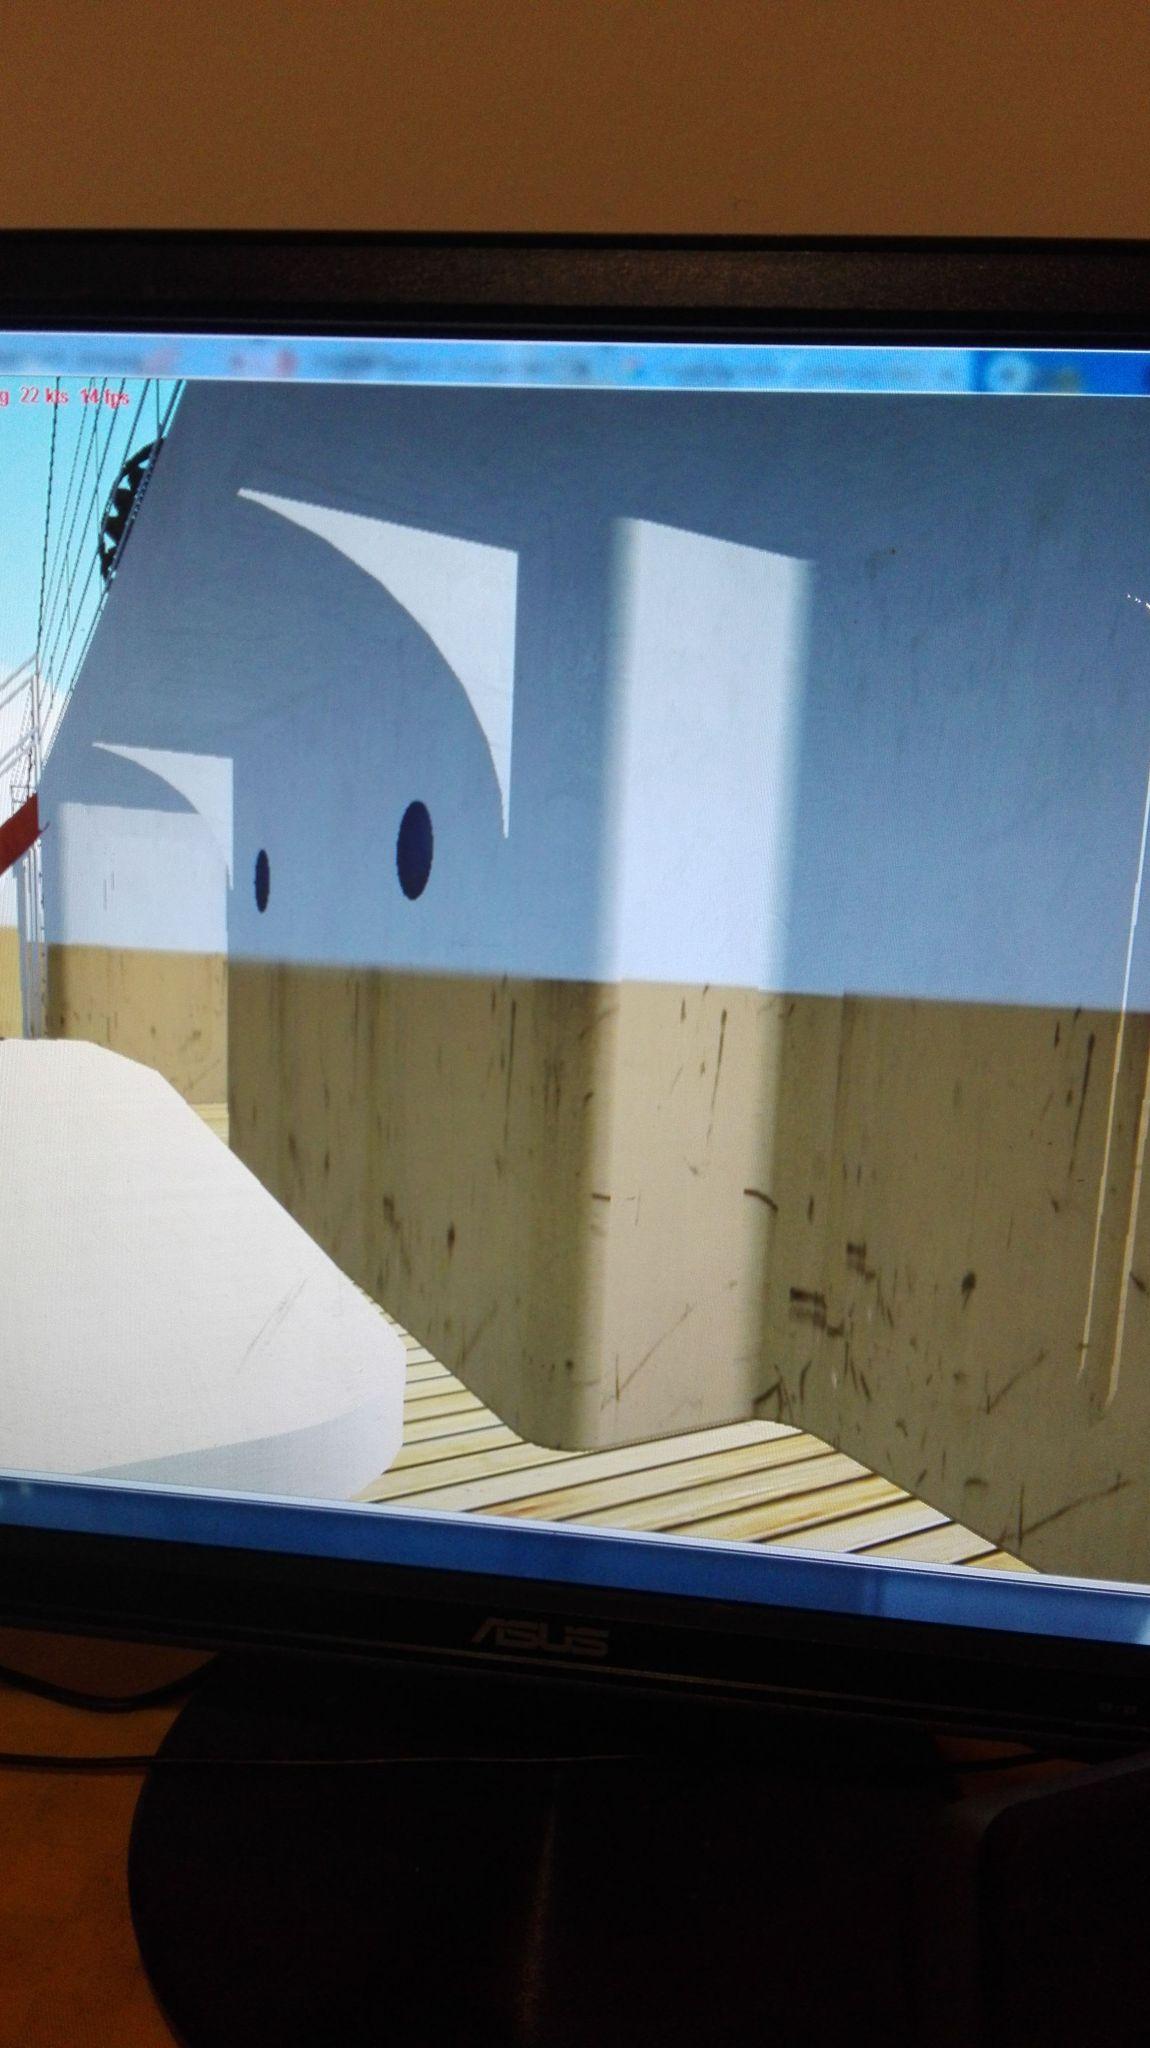 titanic - Modifiche e Correzioni Titanic Hachette by bianco64squalo - Pagina 32 296gnm1